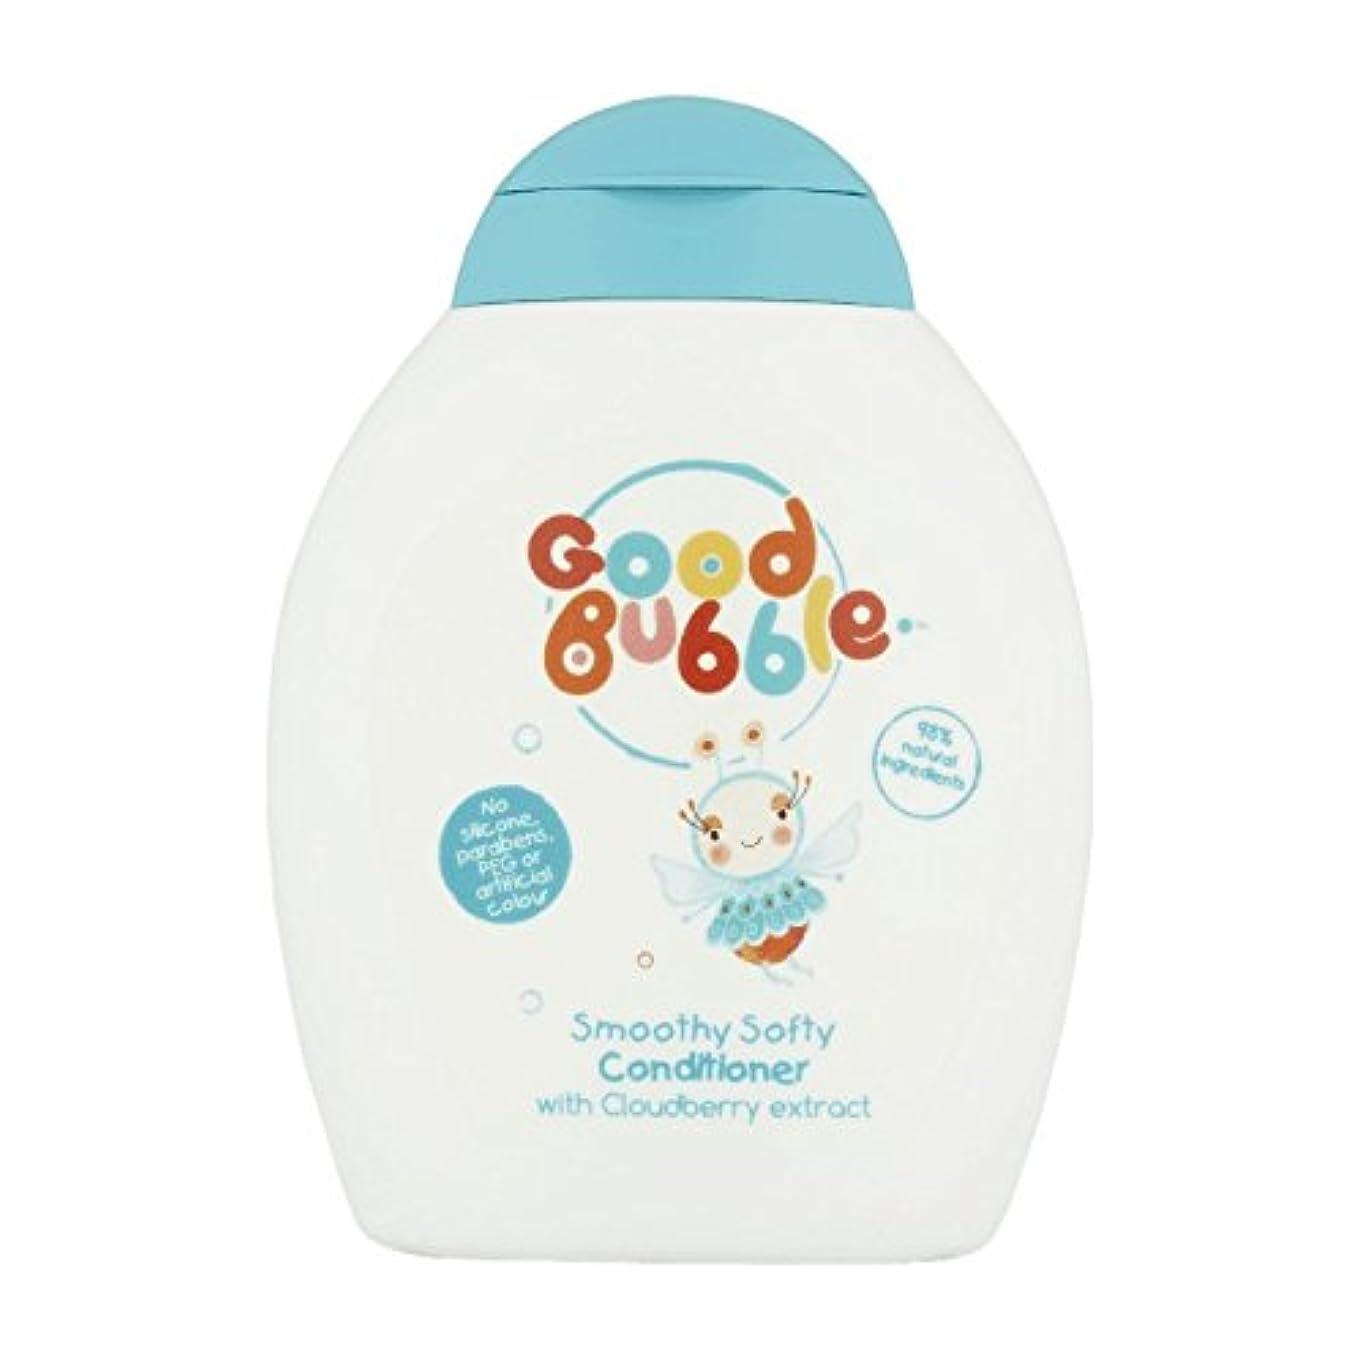 レタス甘味破壊的な良いバブルクラウドベリーコンディショナー250ミリリットル - Good Bubble Cloudberry Conditioner 250ml (Good Bubble) [並行輸入品]